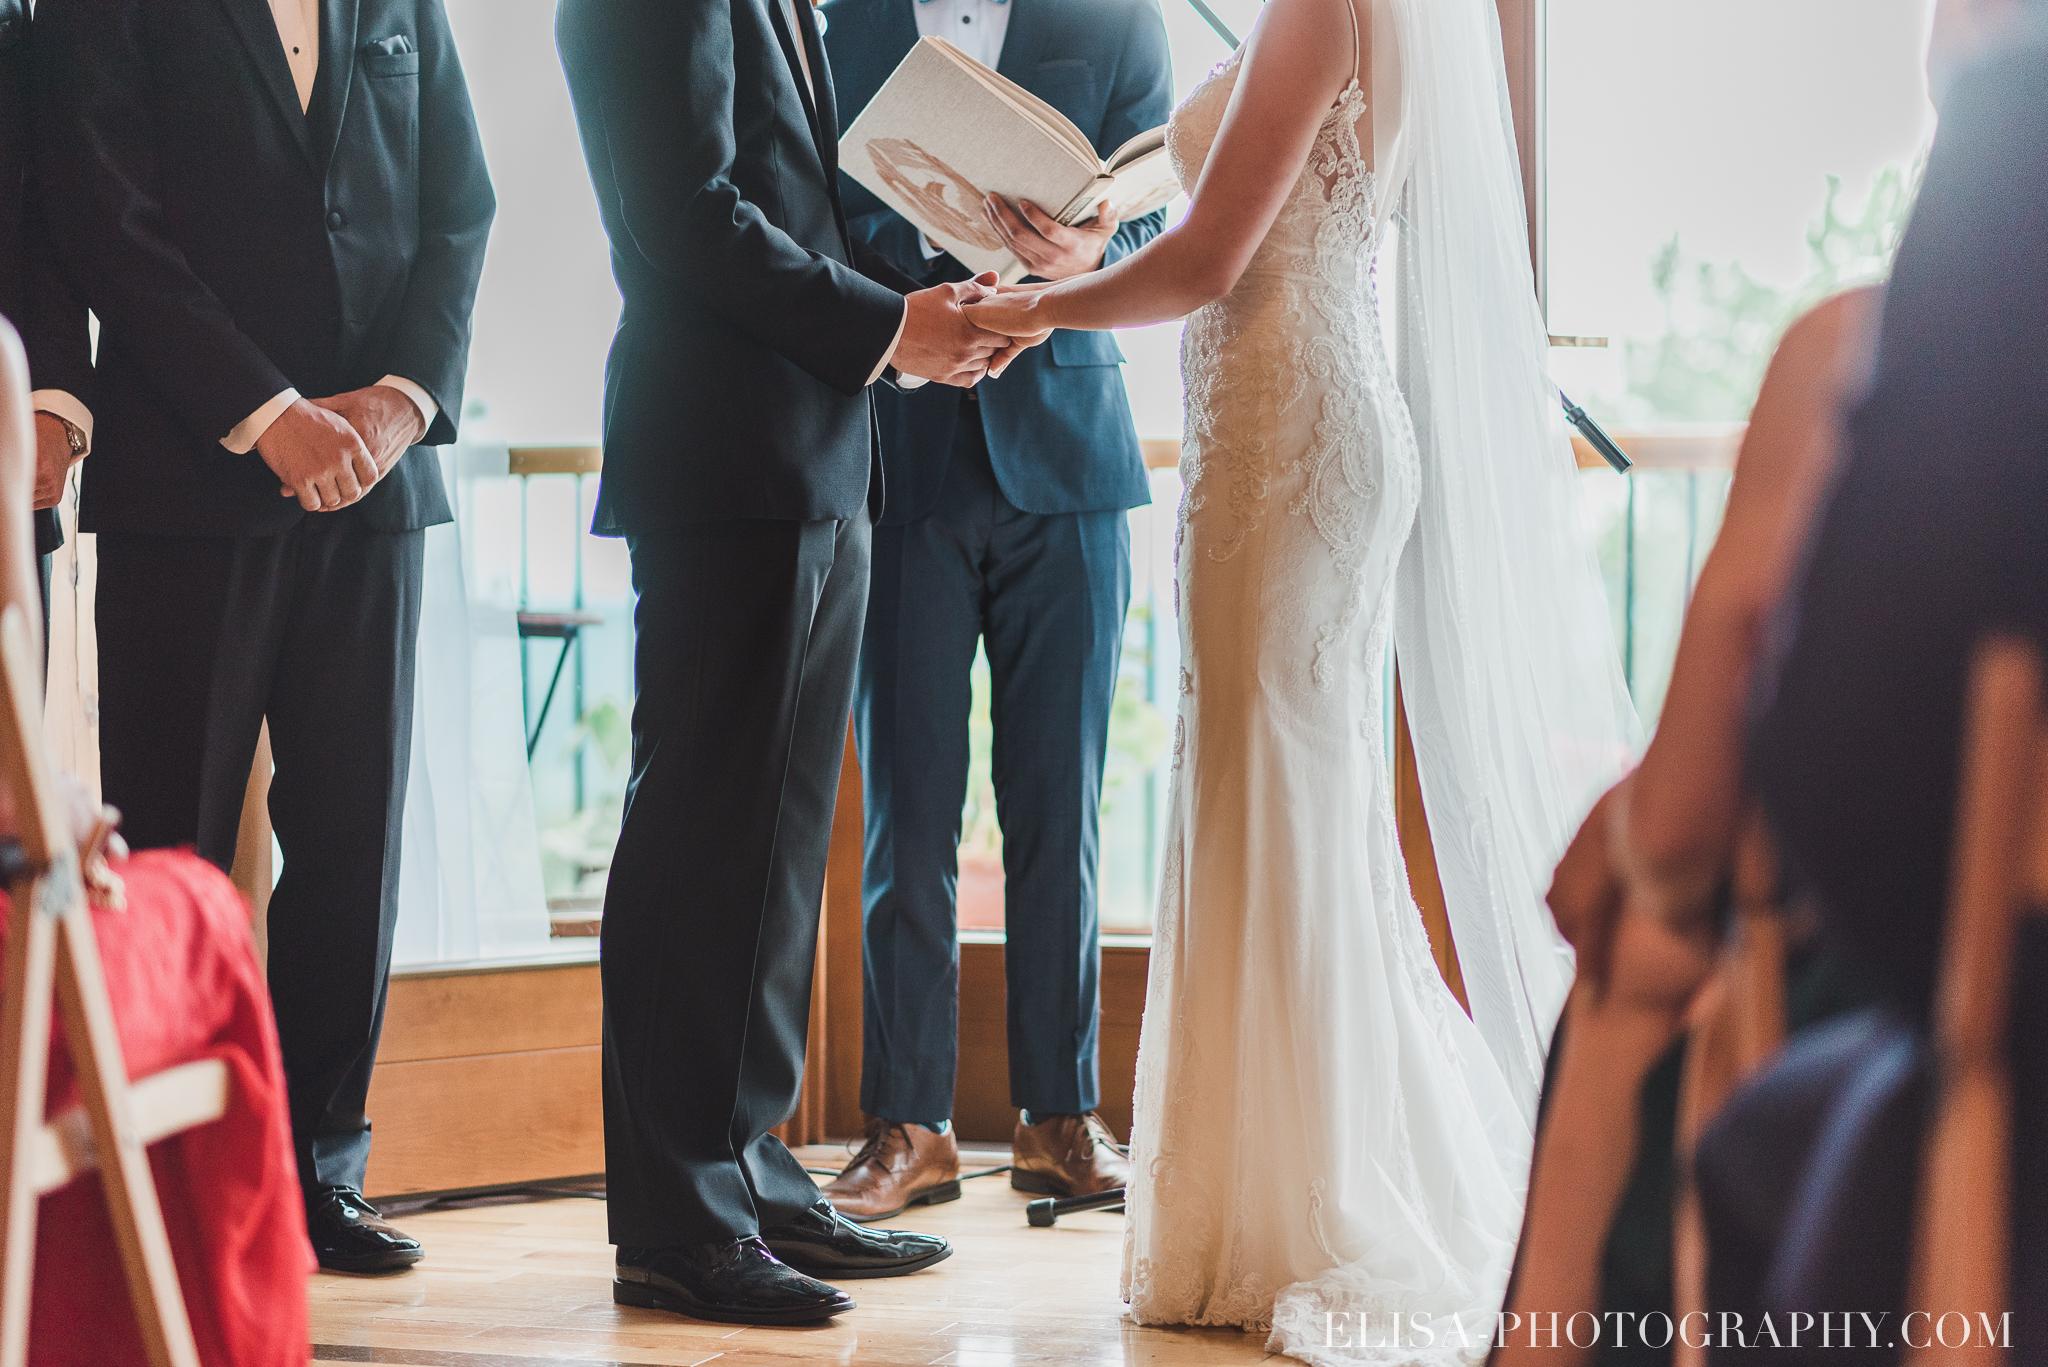 photo mariage a la montagne domaine tomali maniatin ceremonie voeux echange des alliances 5979 - Mariage à la montagne au domaine Tomali-Maniatyn